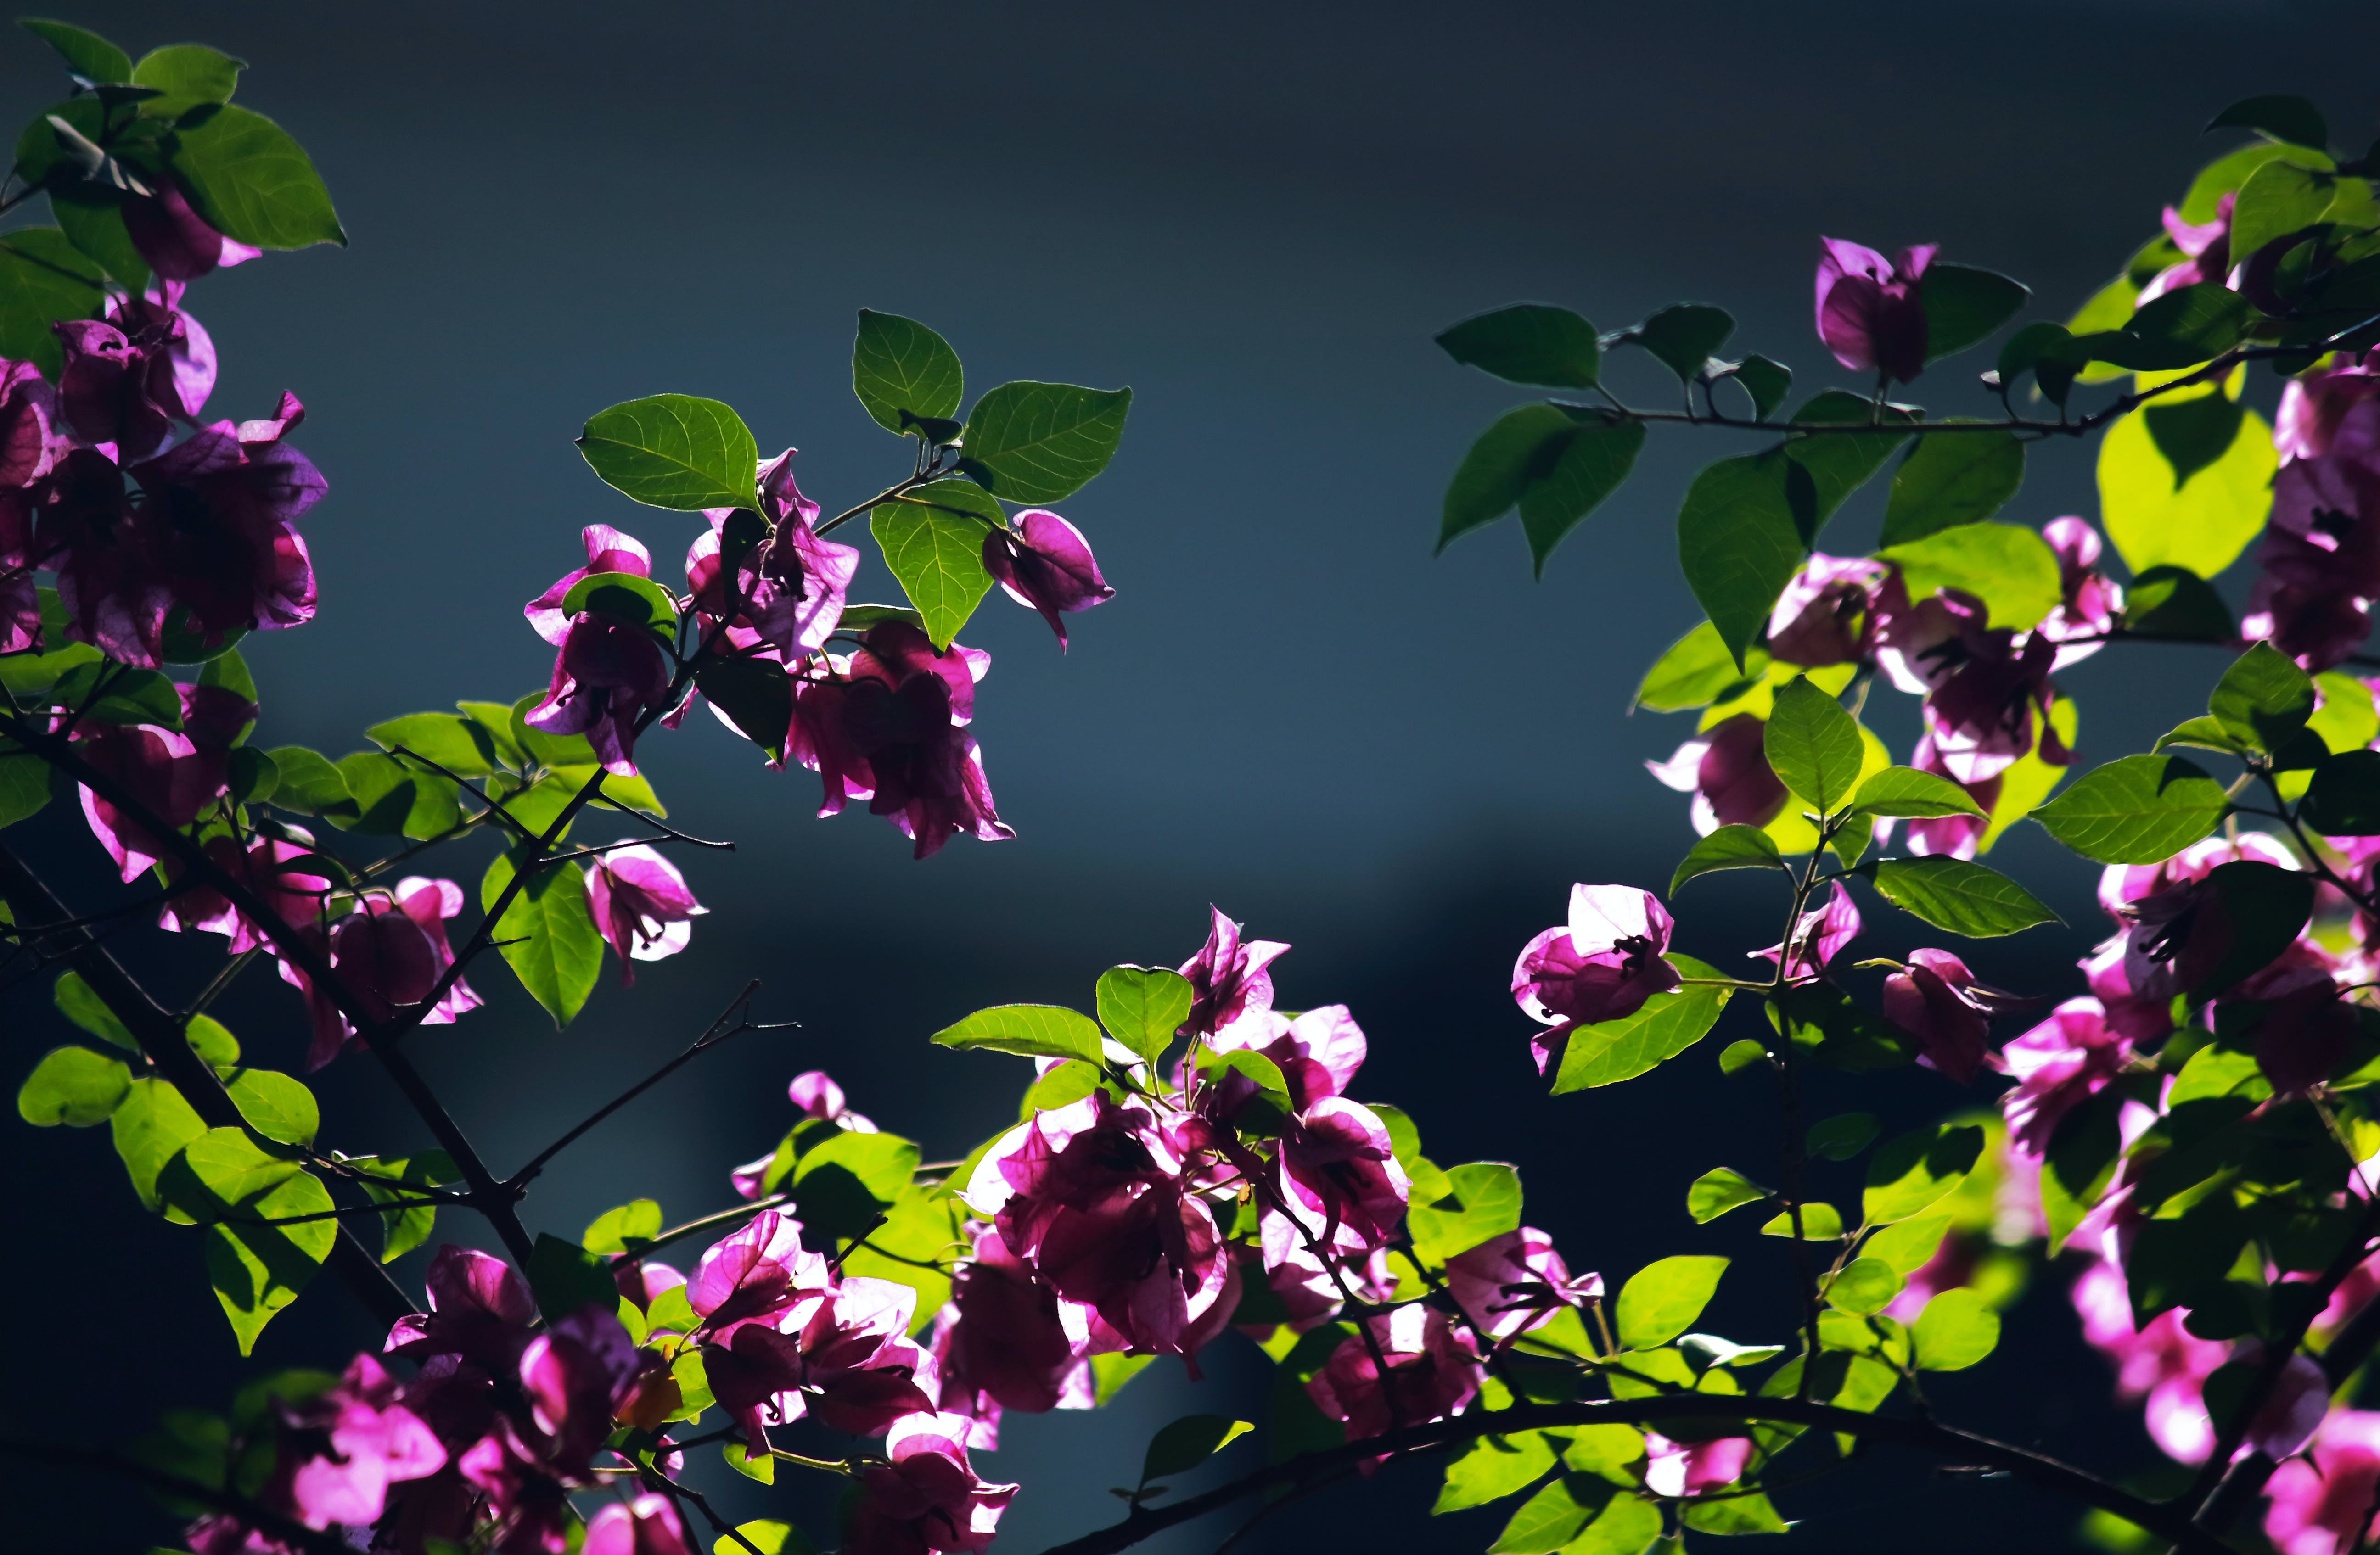 Δωρεάν στοκ φωτογραφιών με ανθίζω, άνθος, άνοιξη, βιολέτα